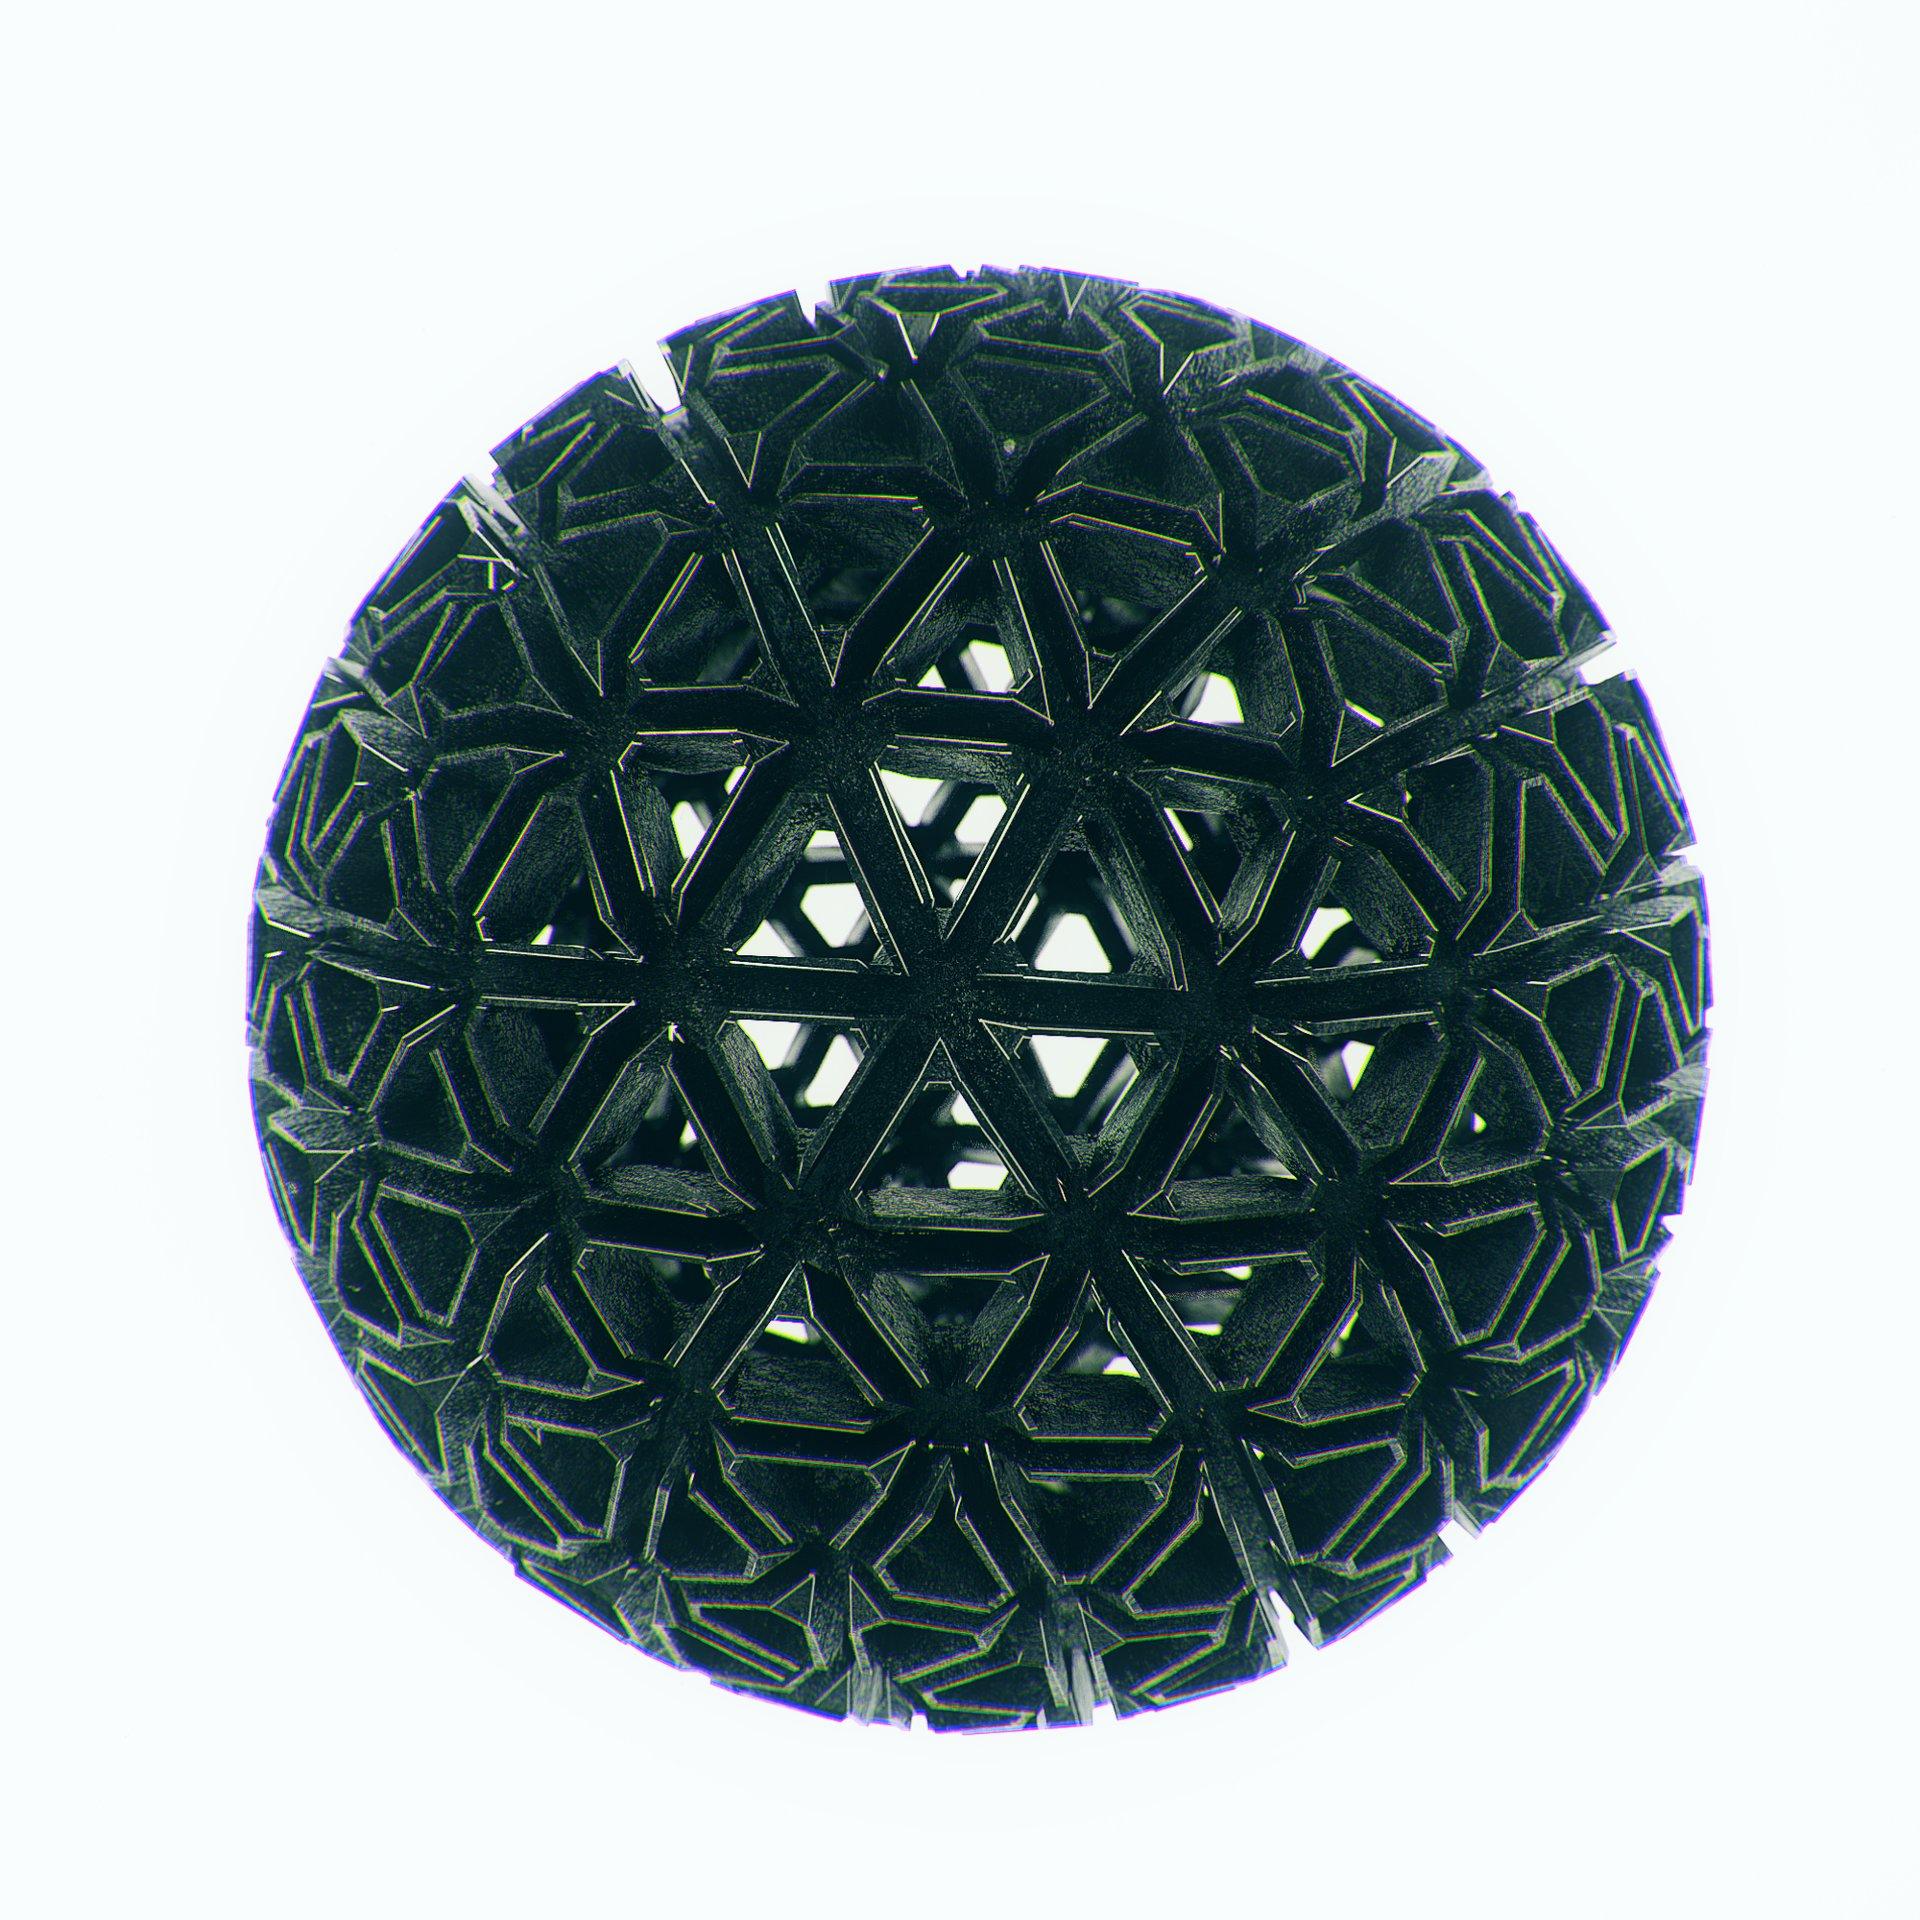 Kresimir jelusic geosphere3b